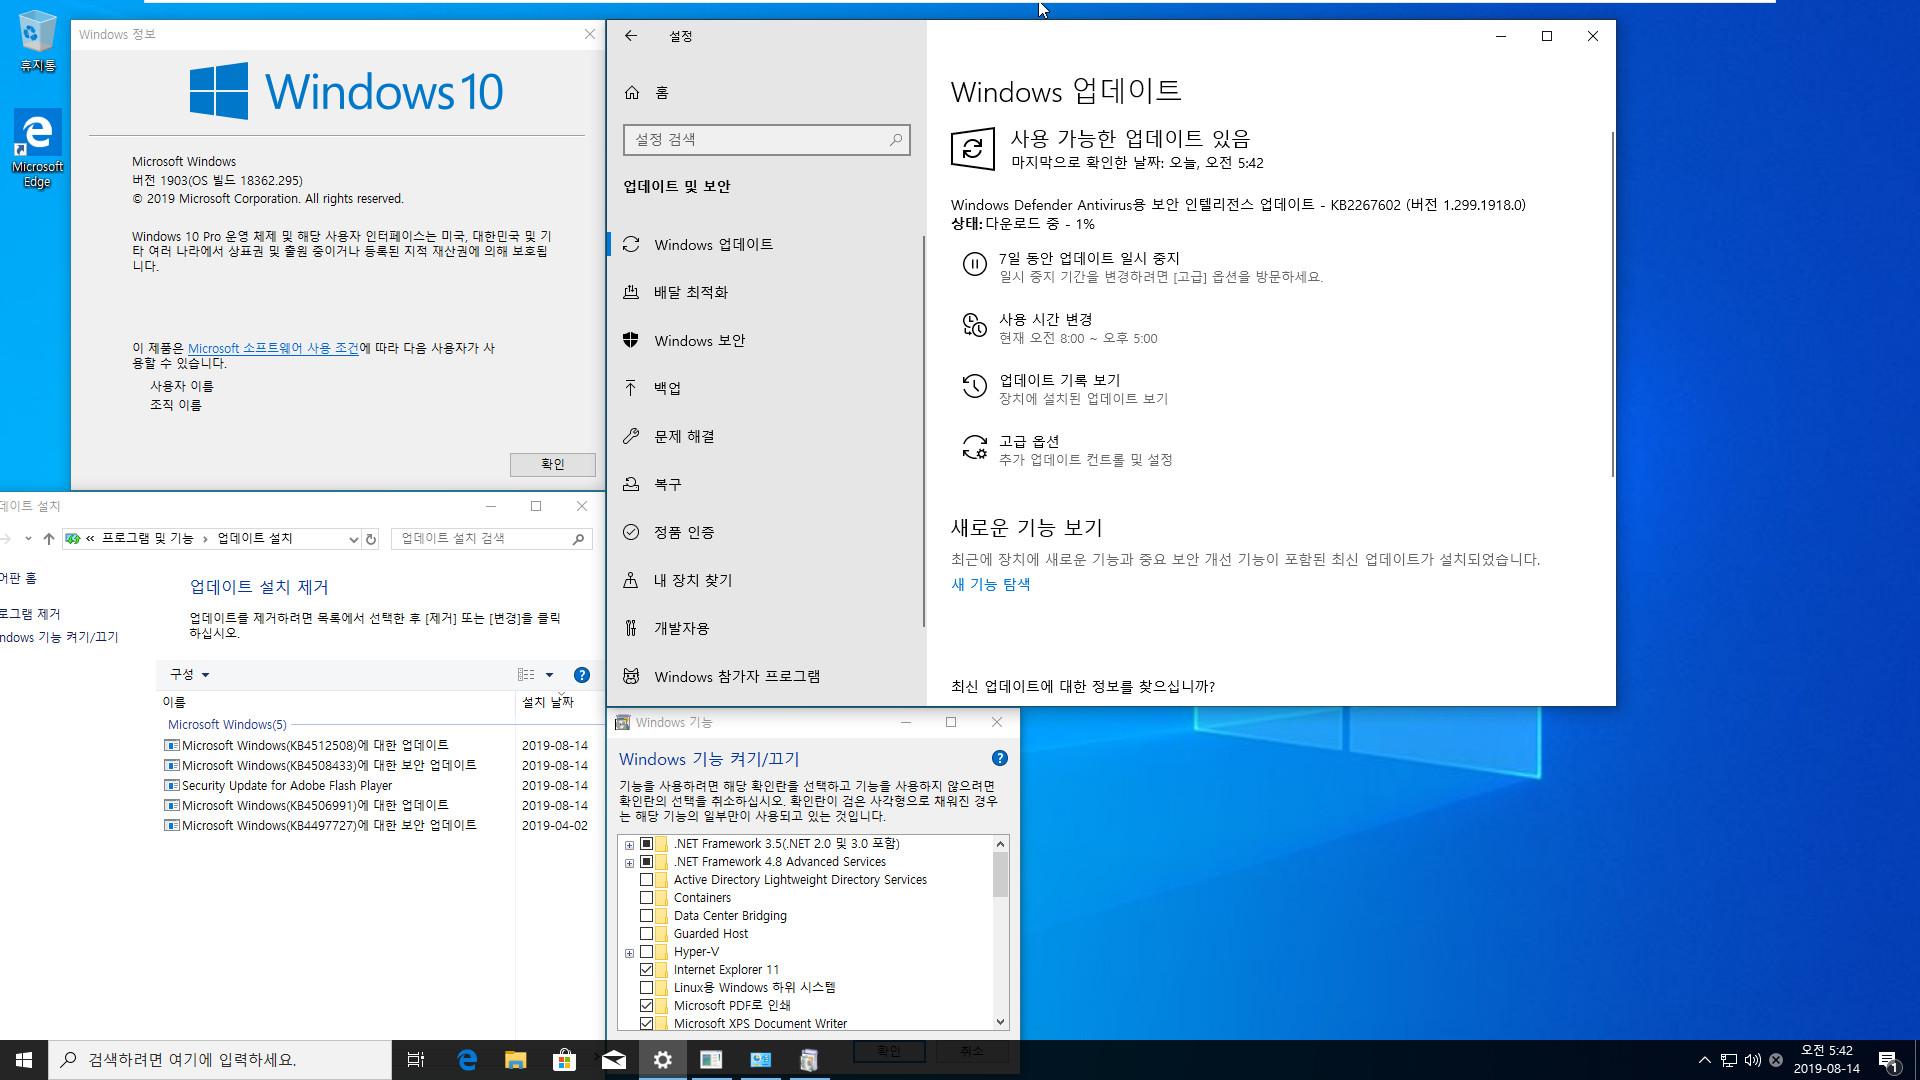 2019-08-14 정기 업데이트 나왔네요 - Windows 10 버전 1903 누적 업데이트 KB4512508 (OS 빌드 18362.295) [2019-08-13 일자] 통합중 입니다 -  64비트 확인 2019-08-14_054240.jpg